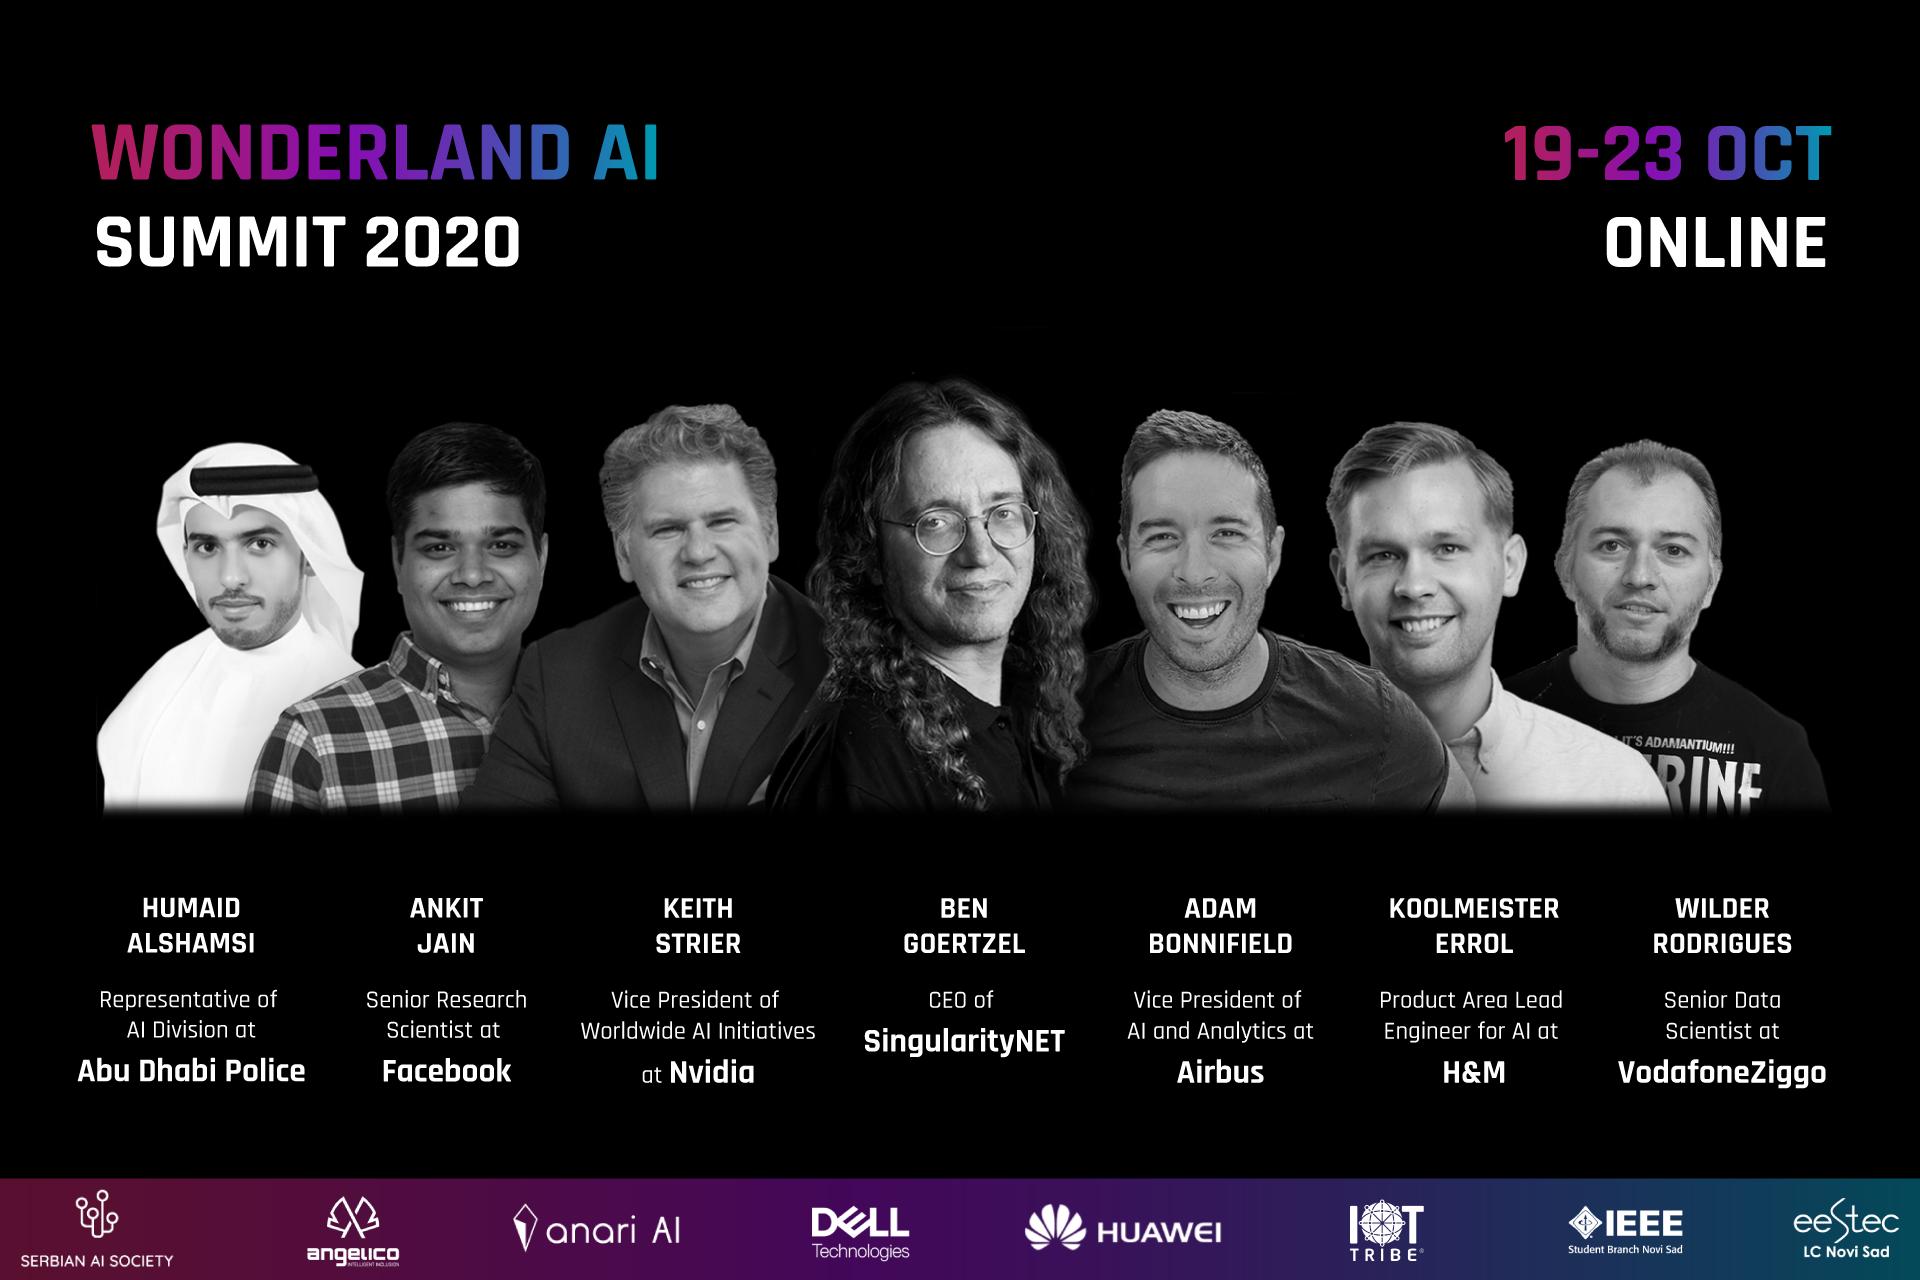 Wonderland AI Summit 2020